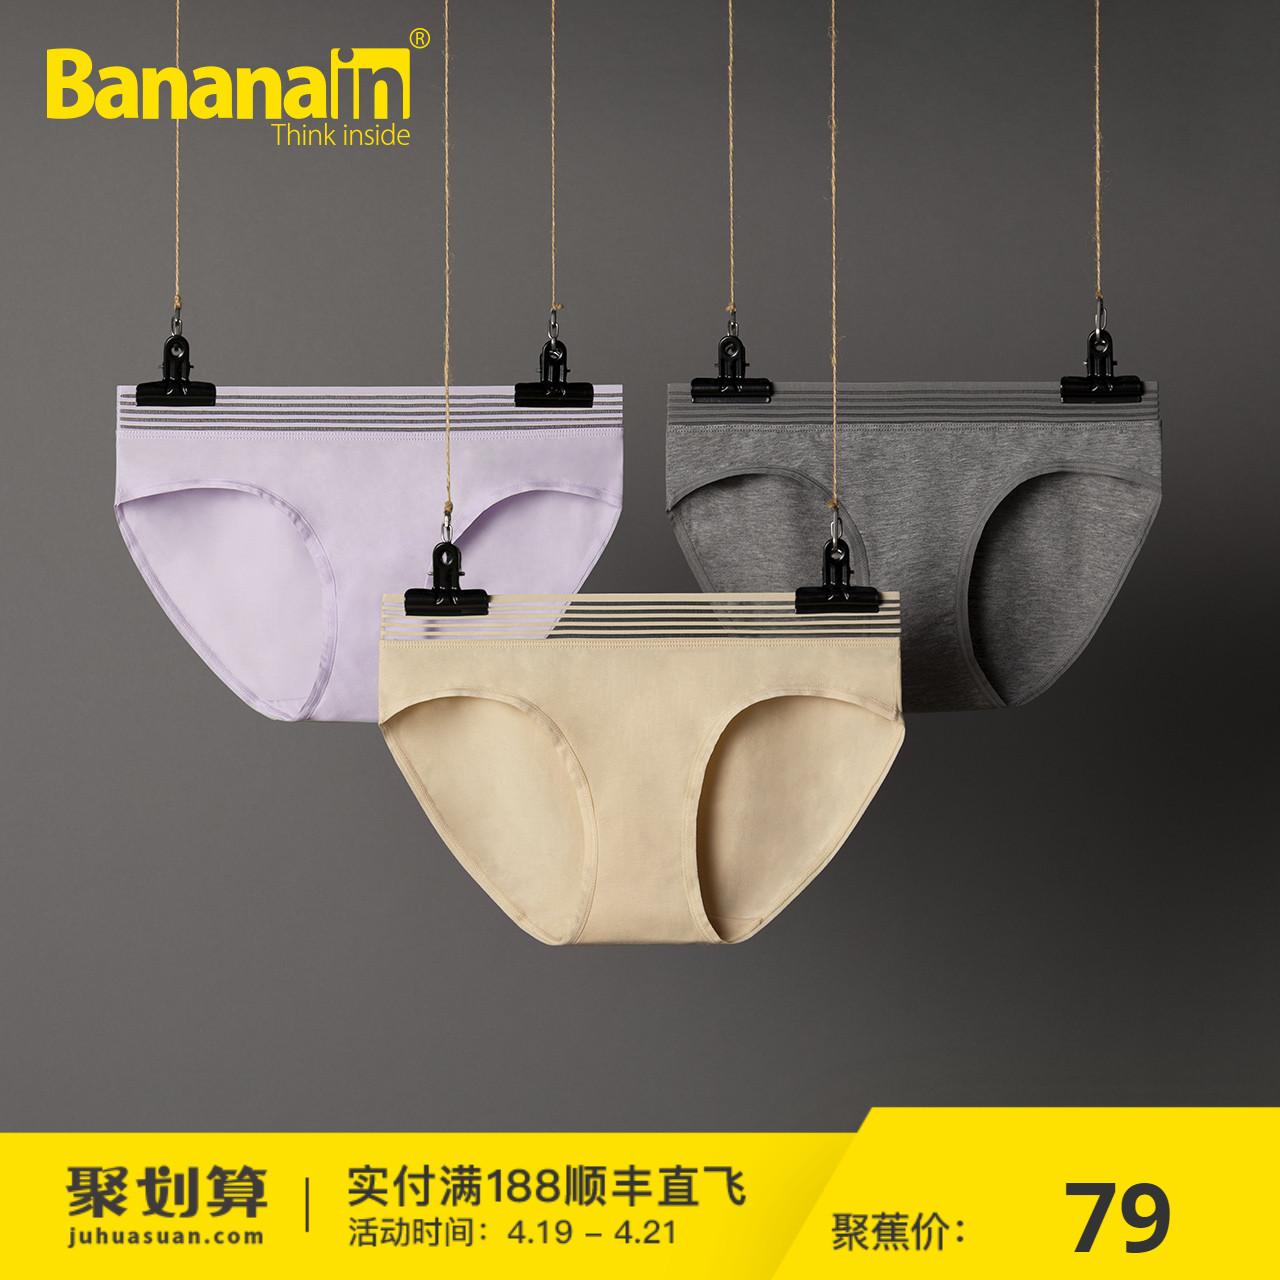 3件Bananain蕉内301H莫代尔棉质中腰少女性感三角裤女士内裤短裤